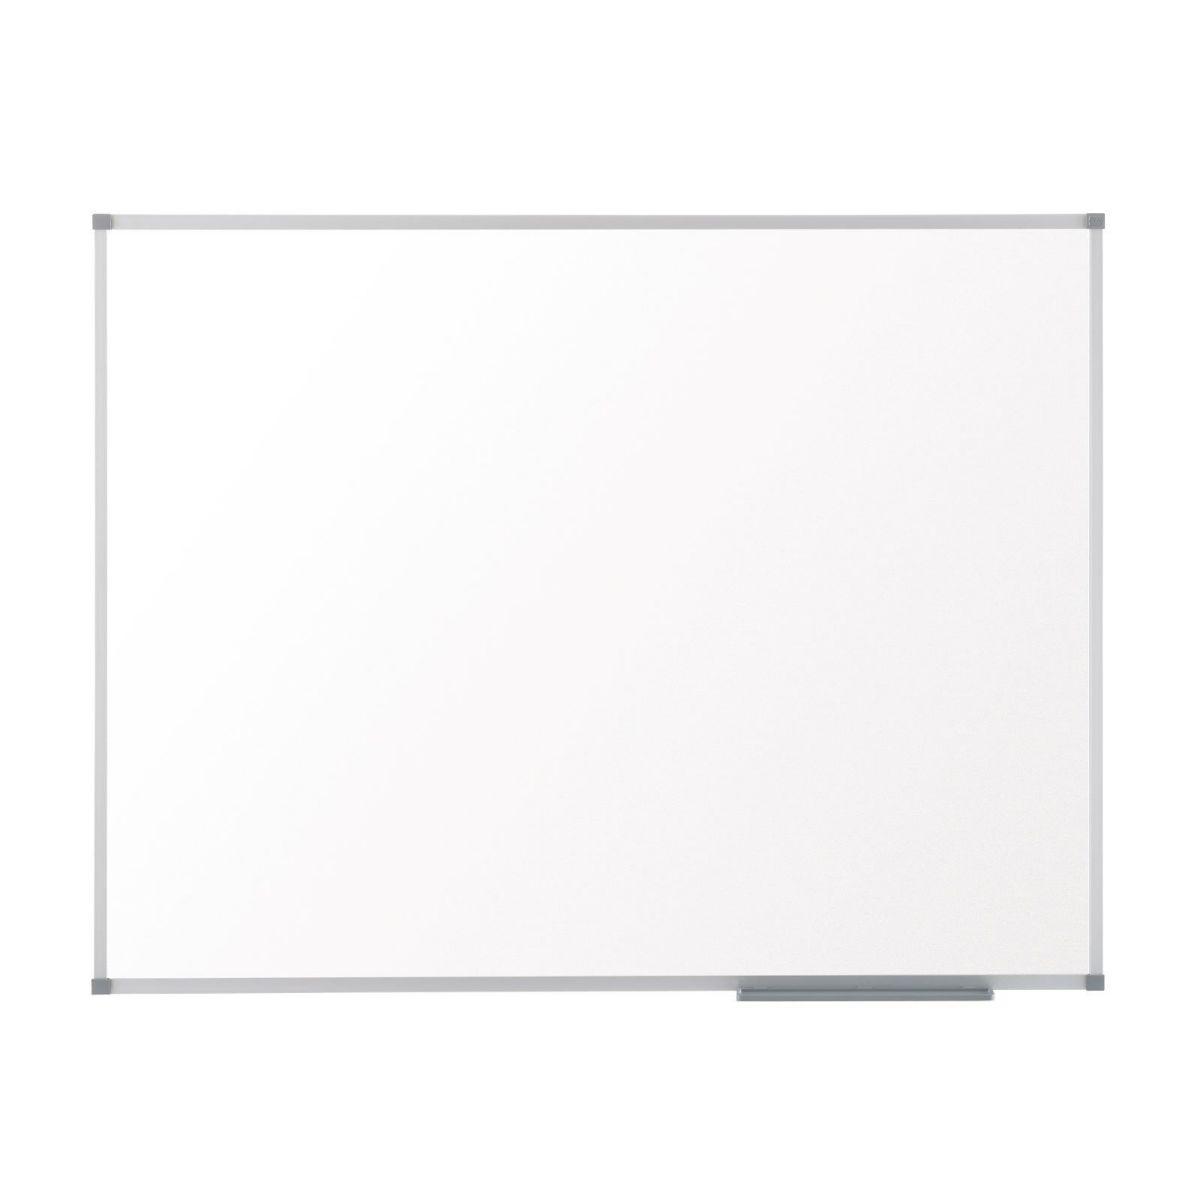 Ver Nobo Pizarra blanca Basic magnetica de acero 900x600 mm con marco basico